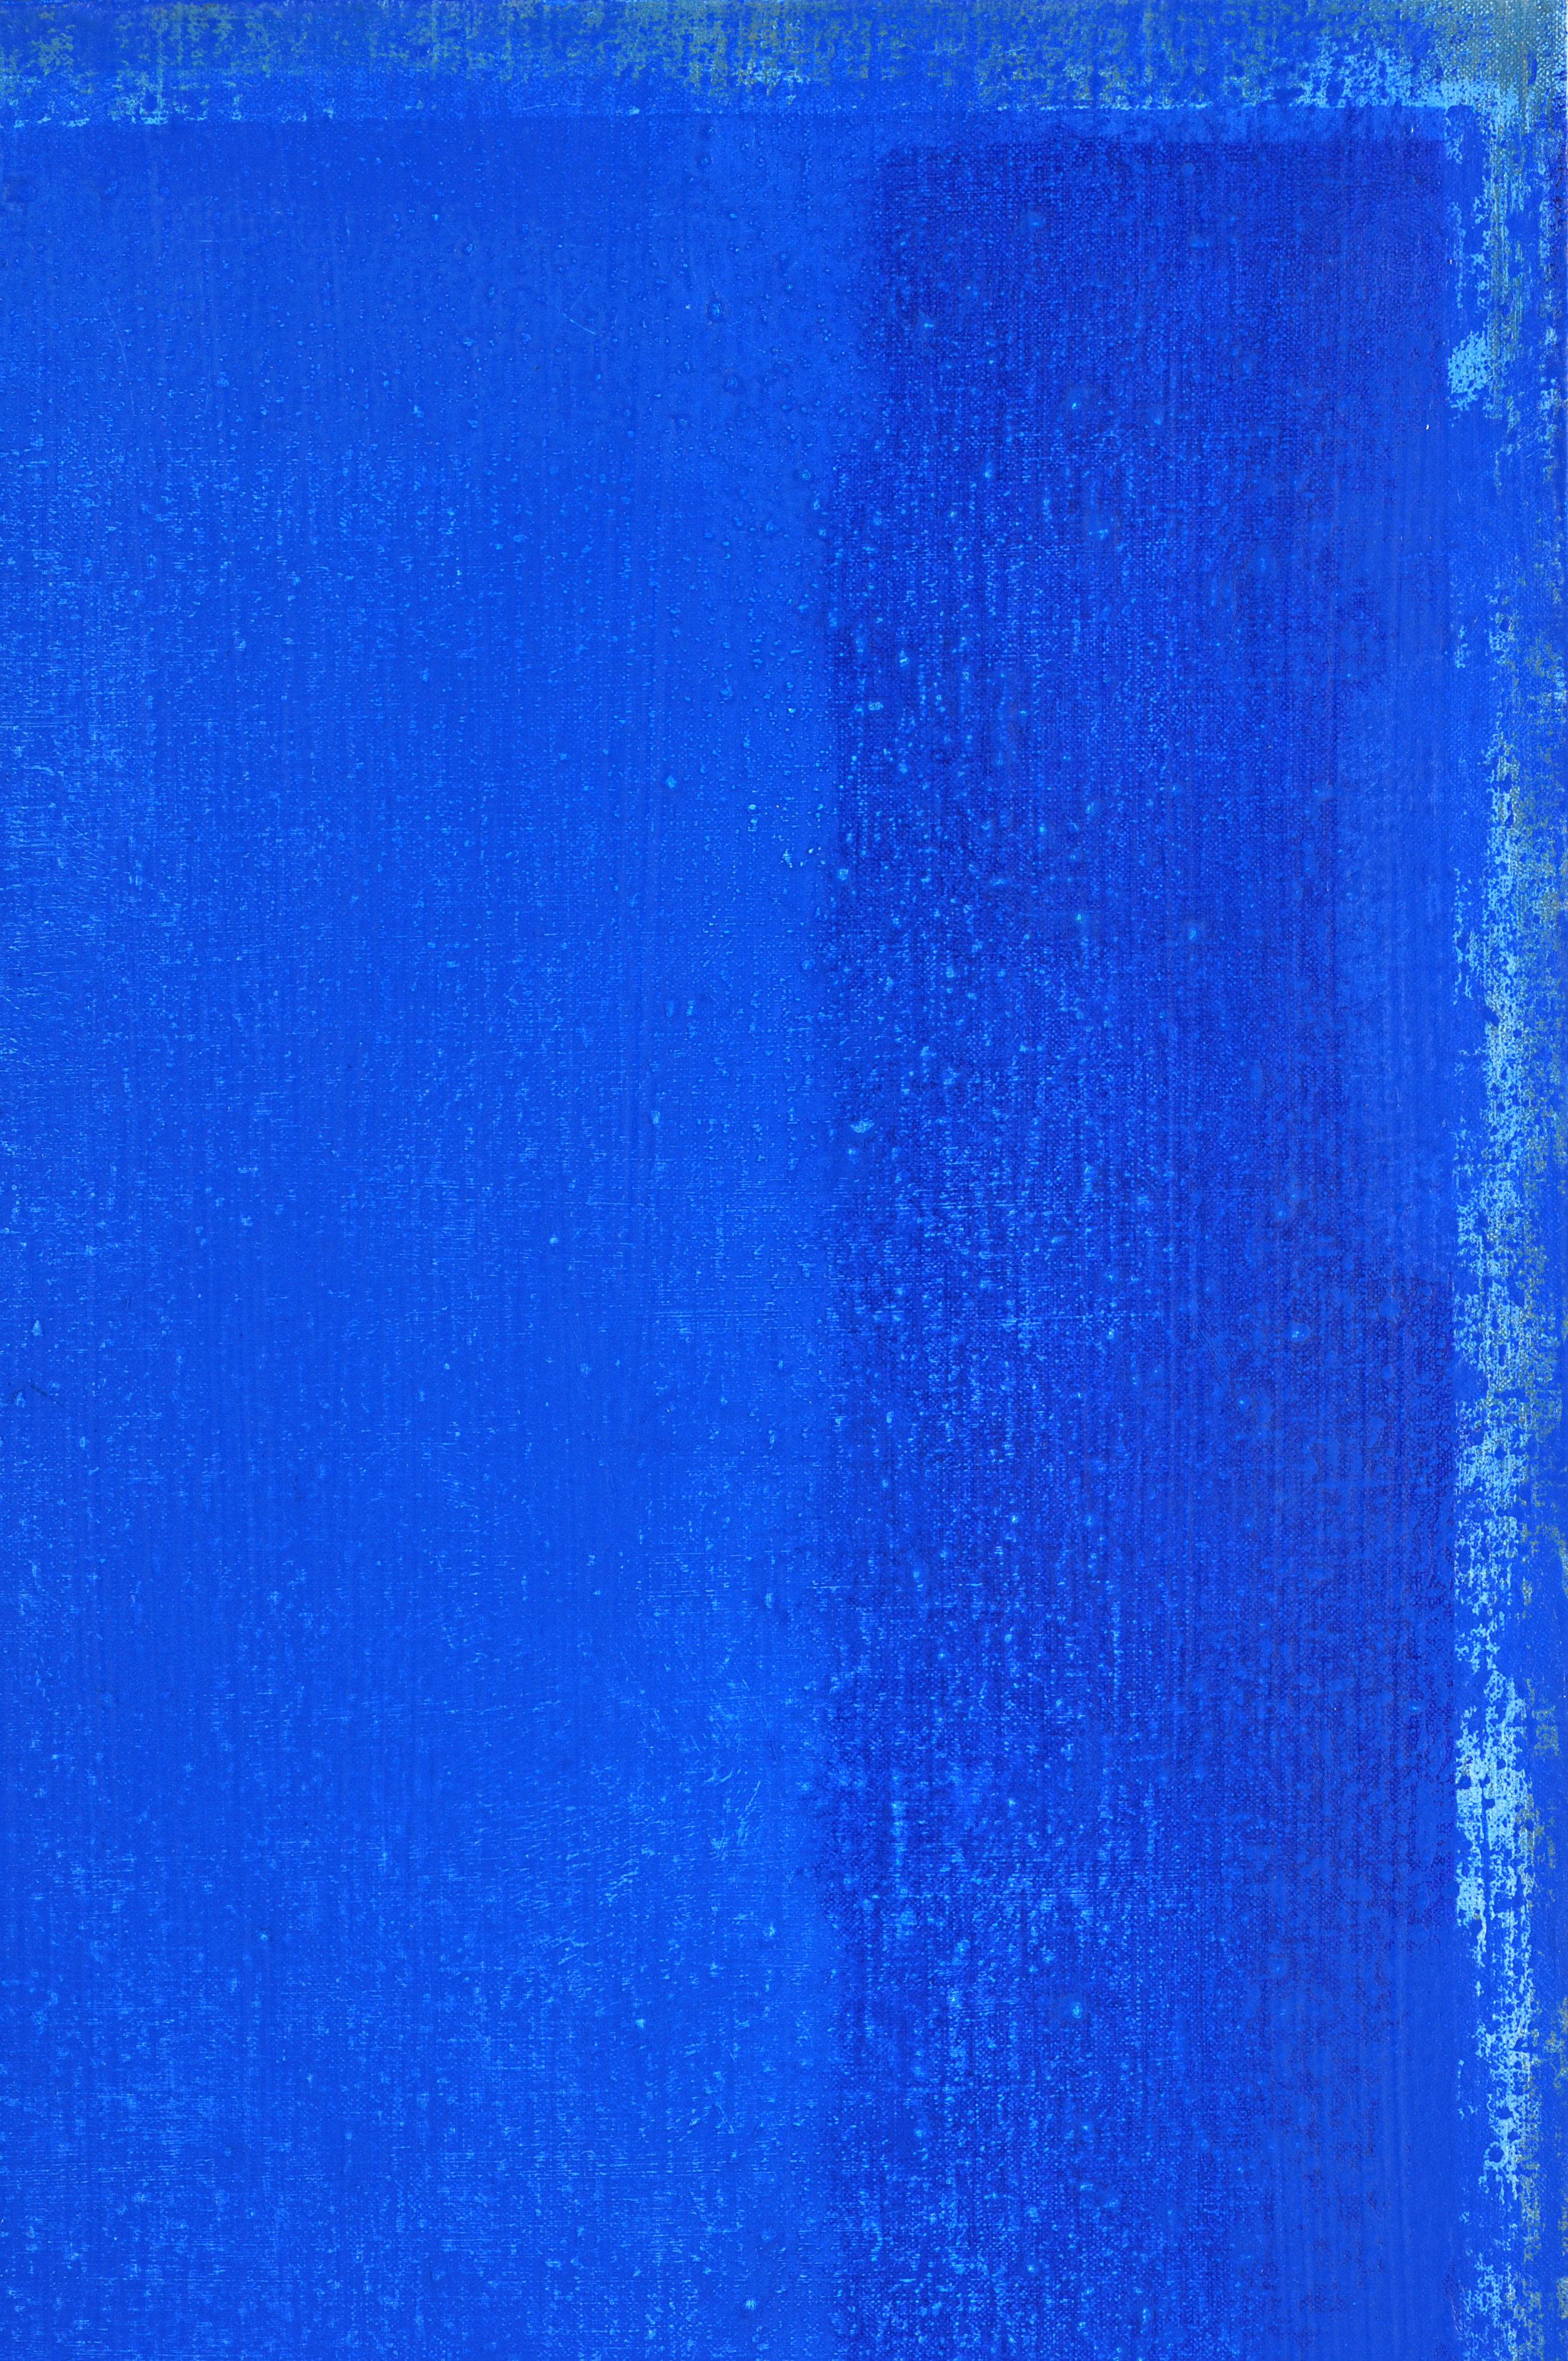 Blue Composition No. 913 (detail)